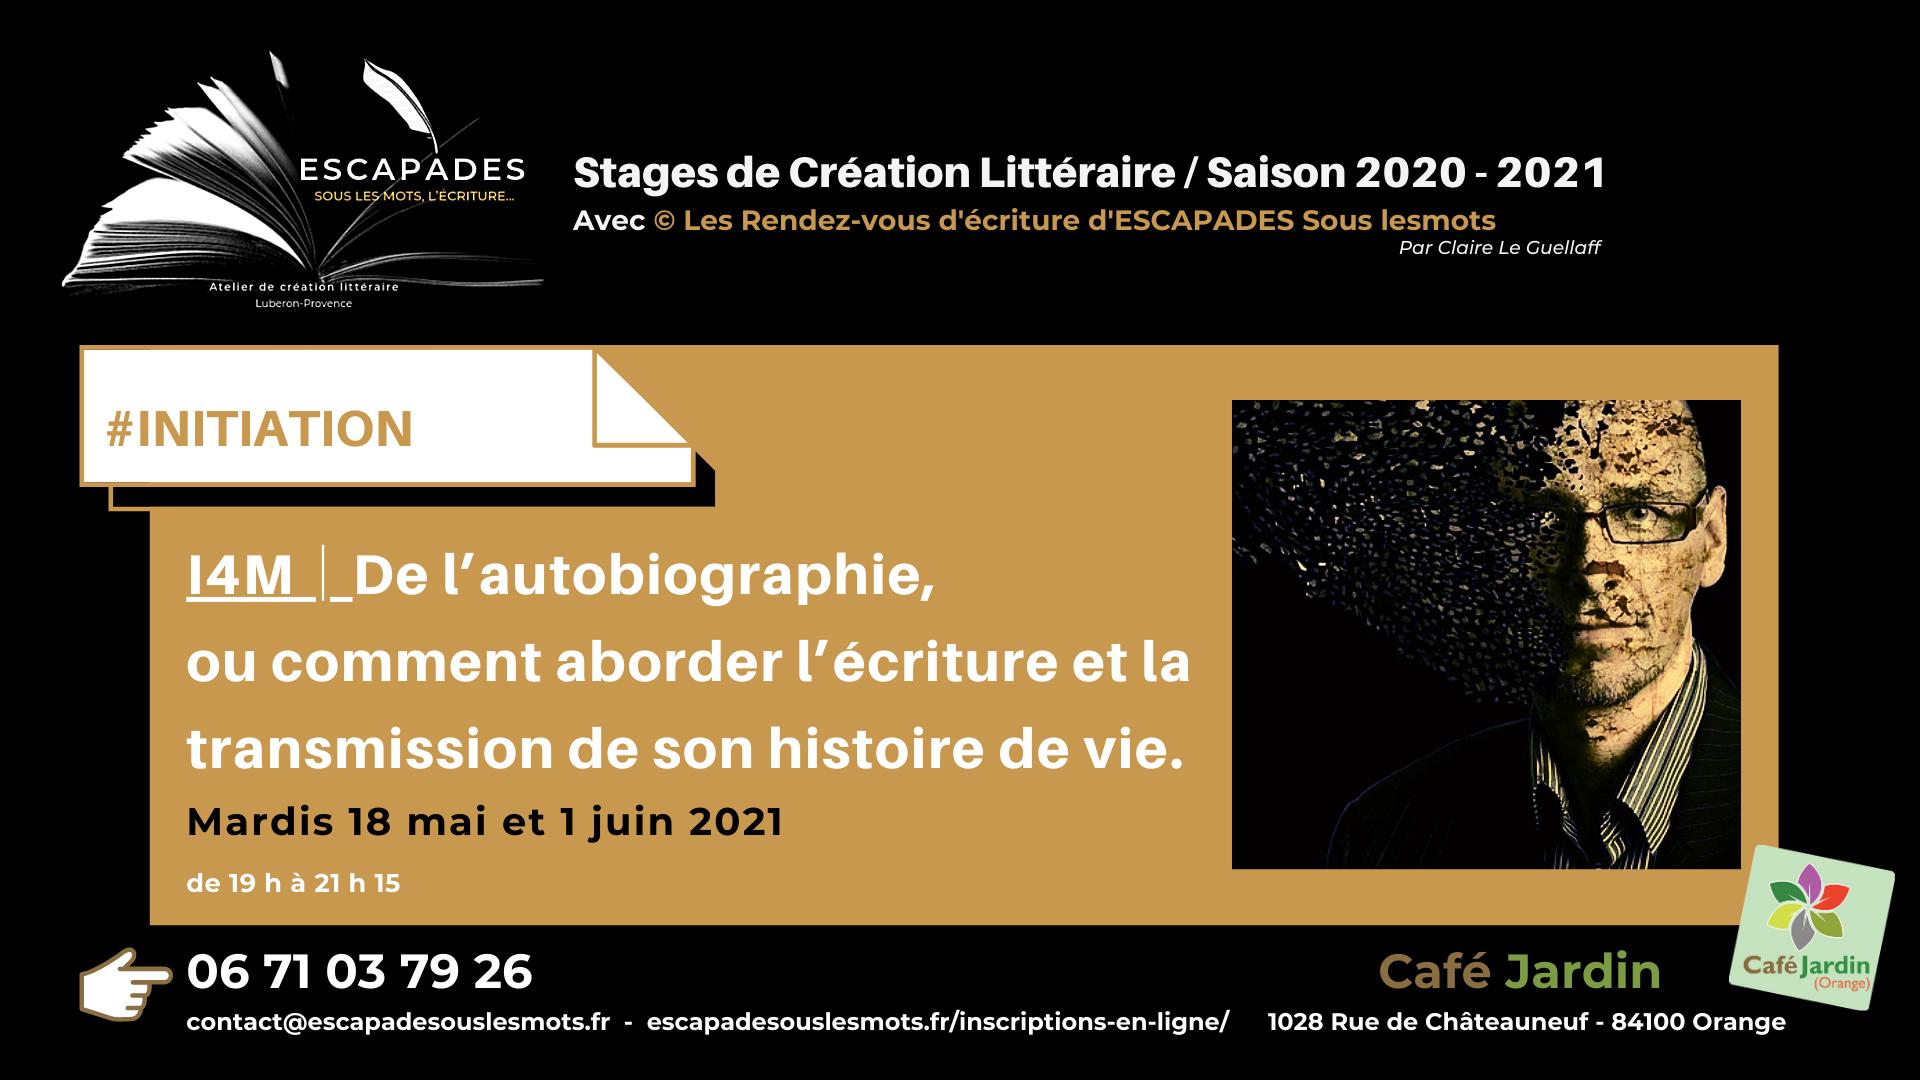 """#INITIATION : """"De l'autobiographie, ou comment aborder l'écriture et la transmission de son histoire de vie."""" 18 mai et 1 juin 2021"""